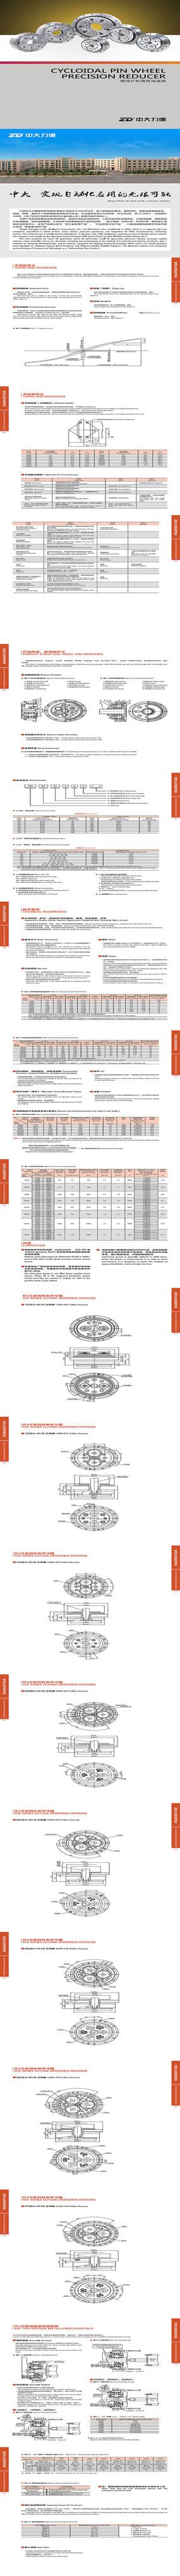 摆线针轮RV减速器宣传册